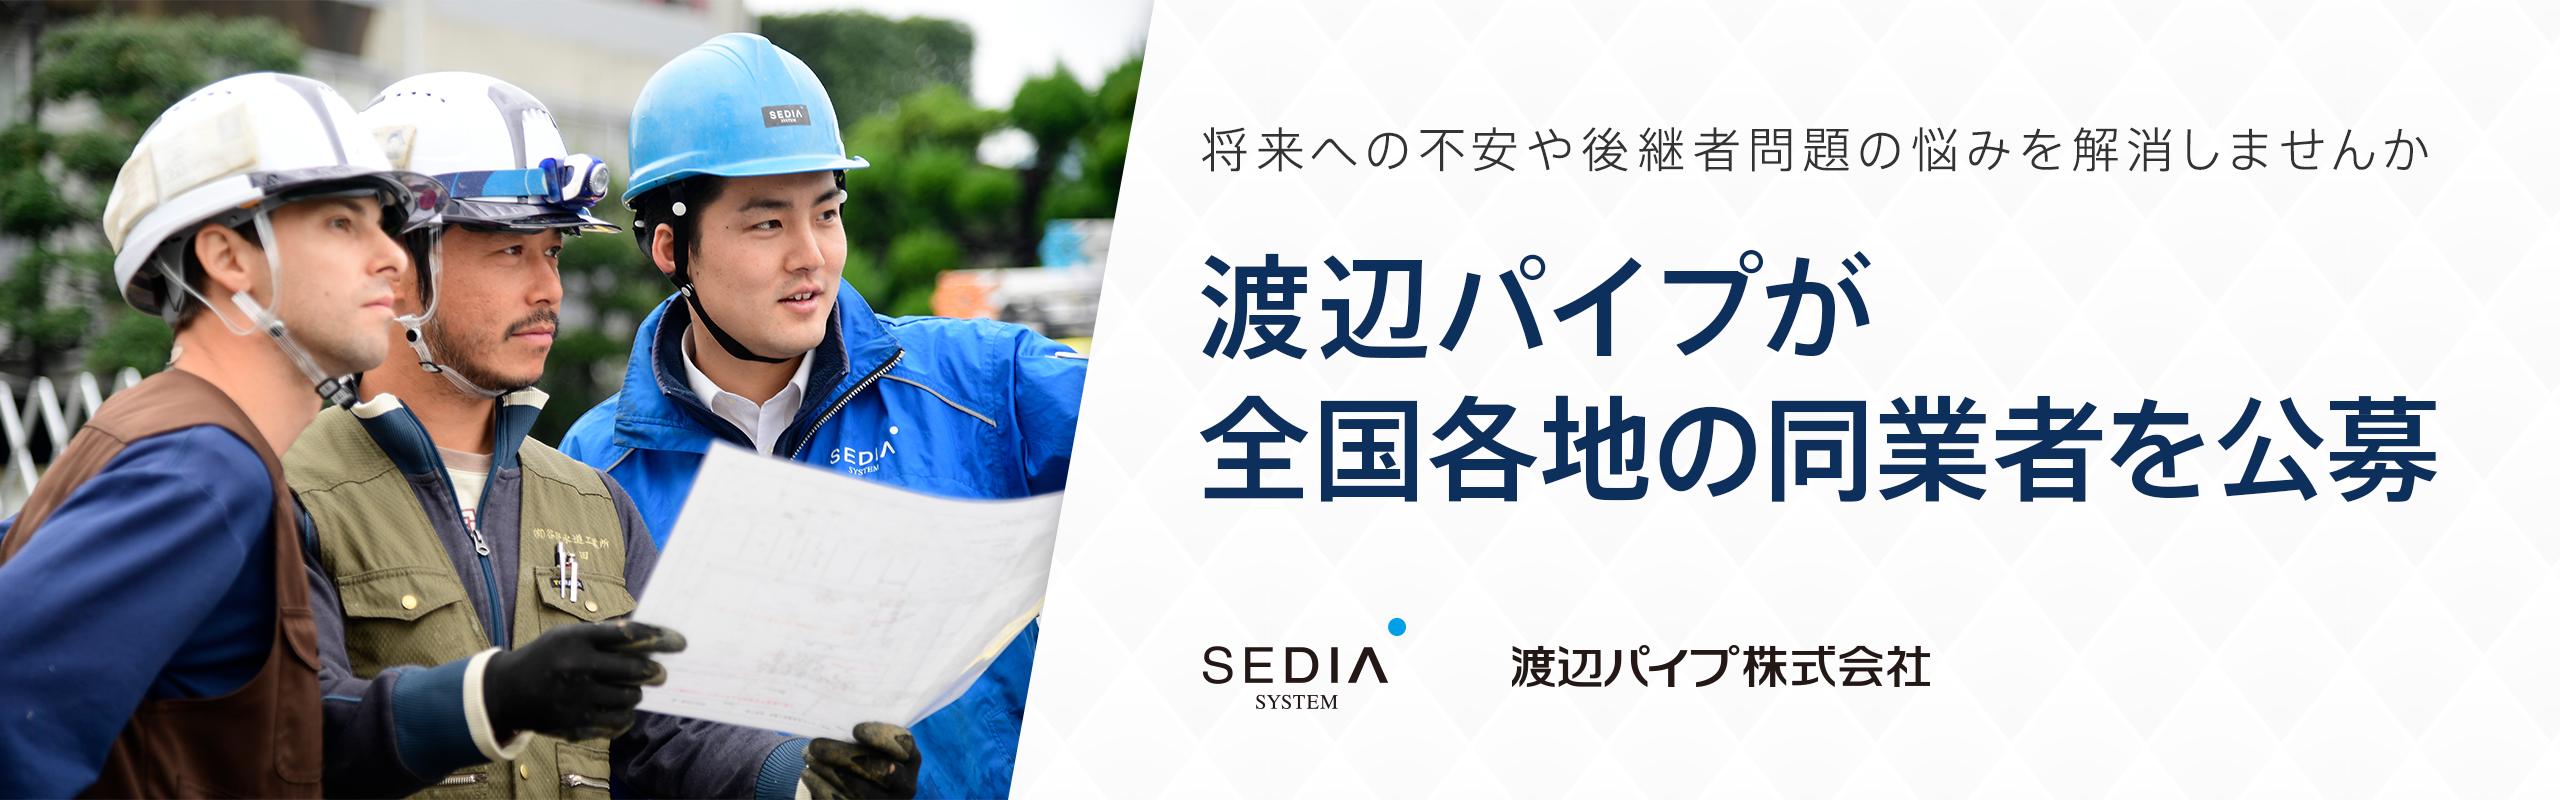 渡辺パイプが「ビズリーチ・サクシード」で全国の建設・建築資材などの卸売業者を公募